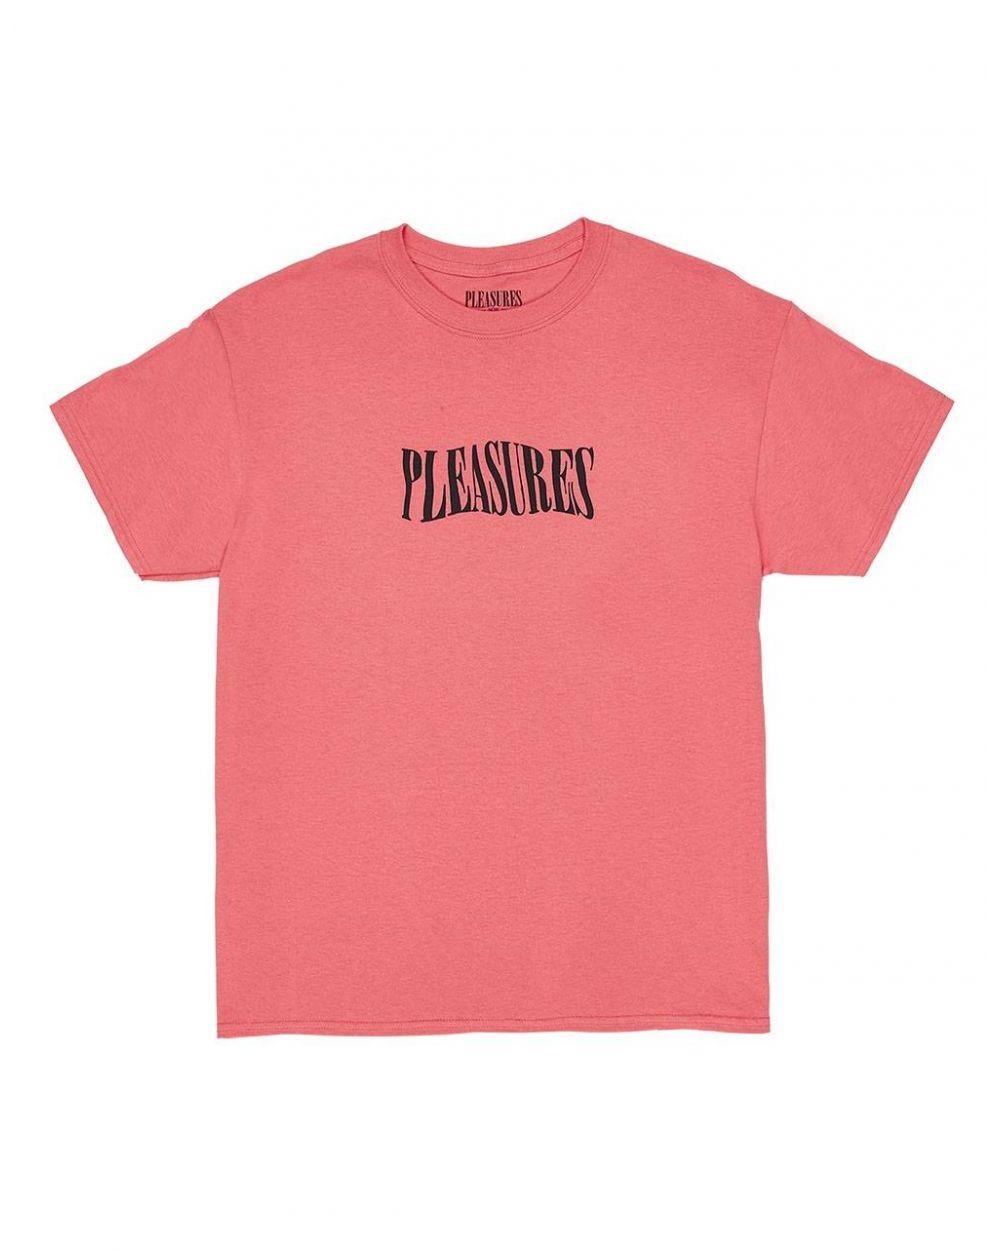 Pleasures Party logo t-shirt - coral Pleasures T-shirt 45,90€